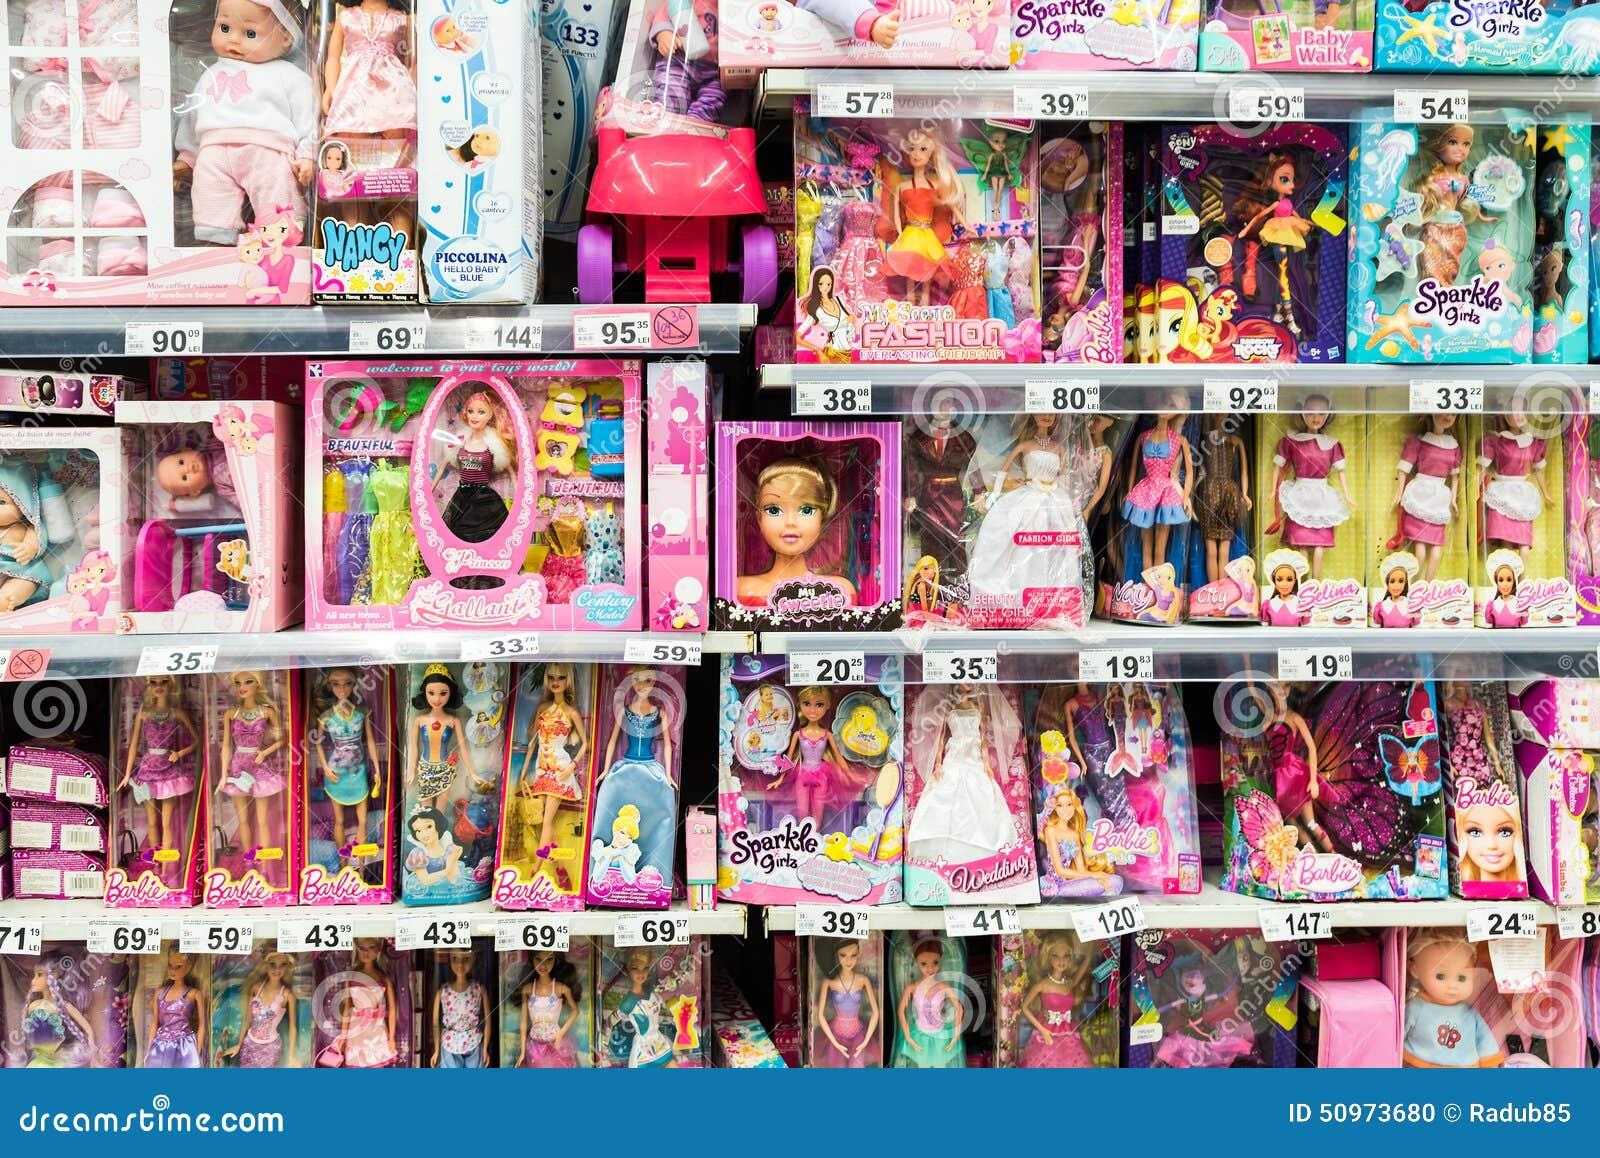 Barbie Toys For Girls : Barbie toys for girls and altri giocattoli del bambino sul